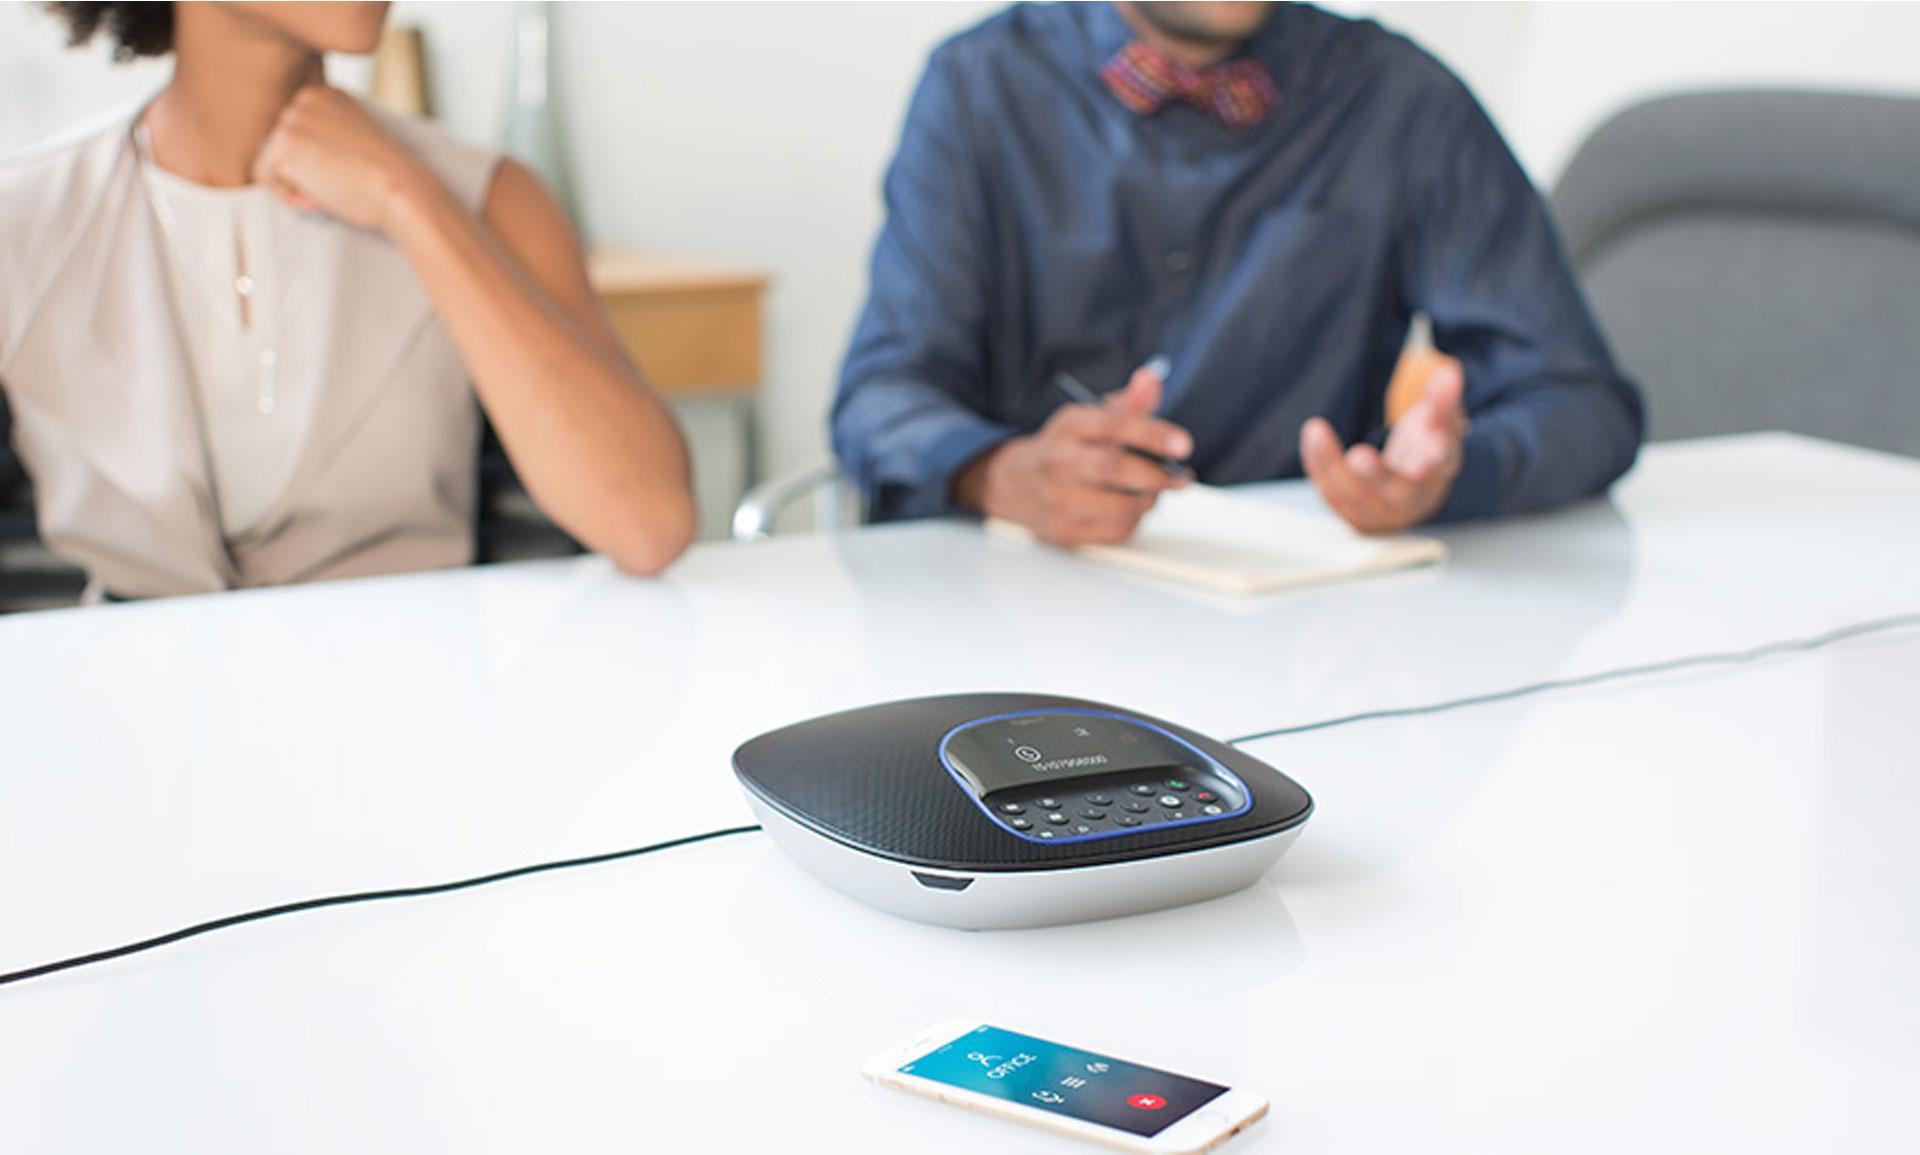 Logitech estrecha su relación con Zoom para ofrecer nuevas soluciones para videoconferencias